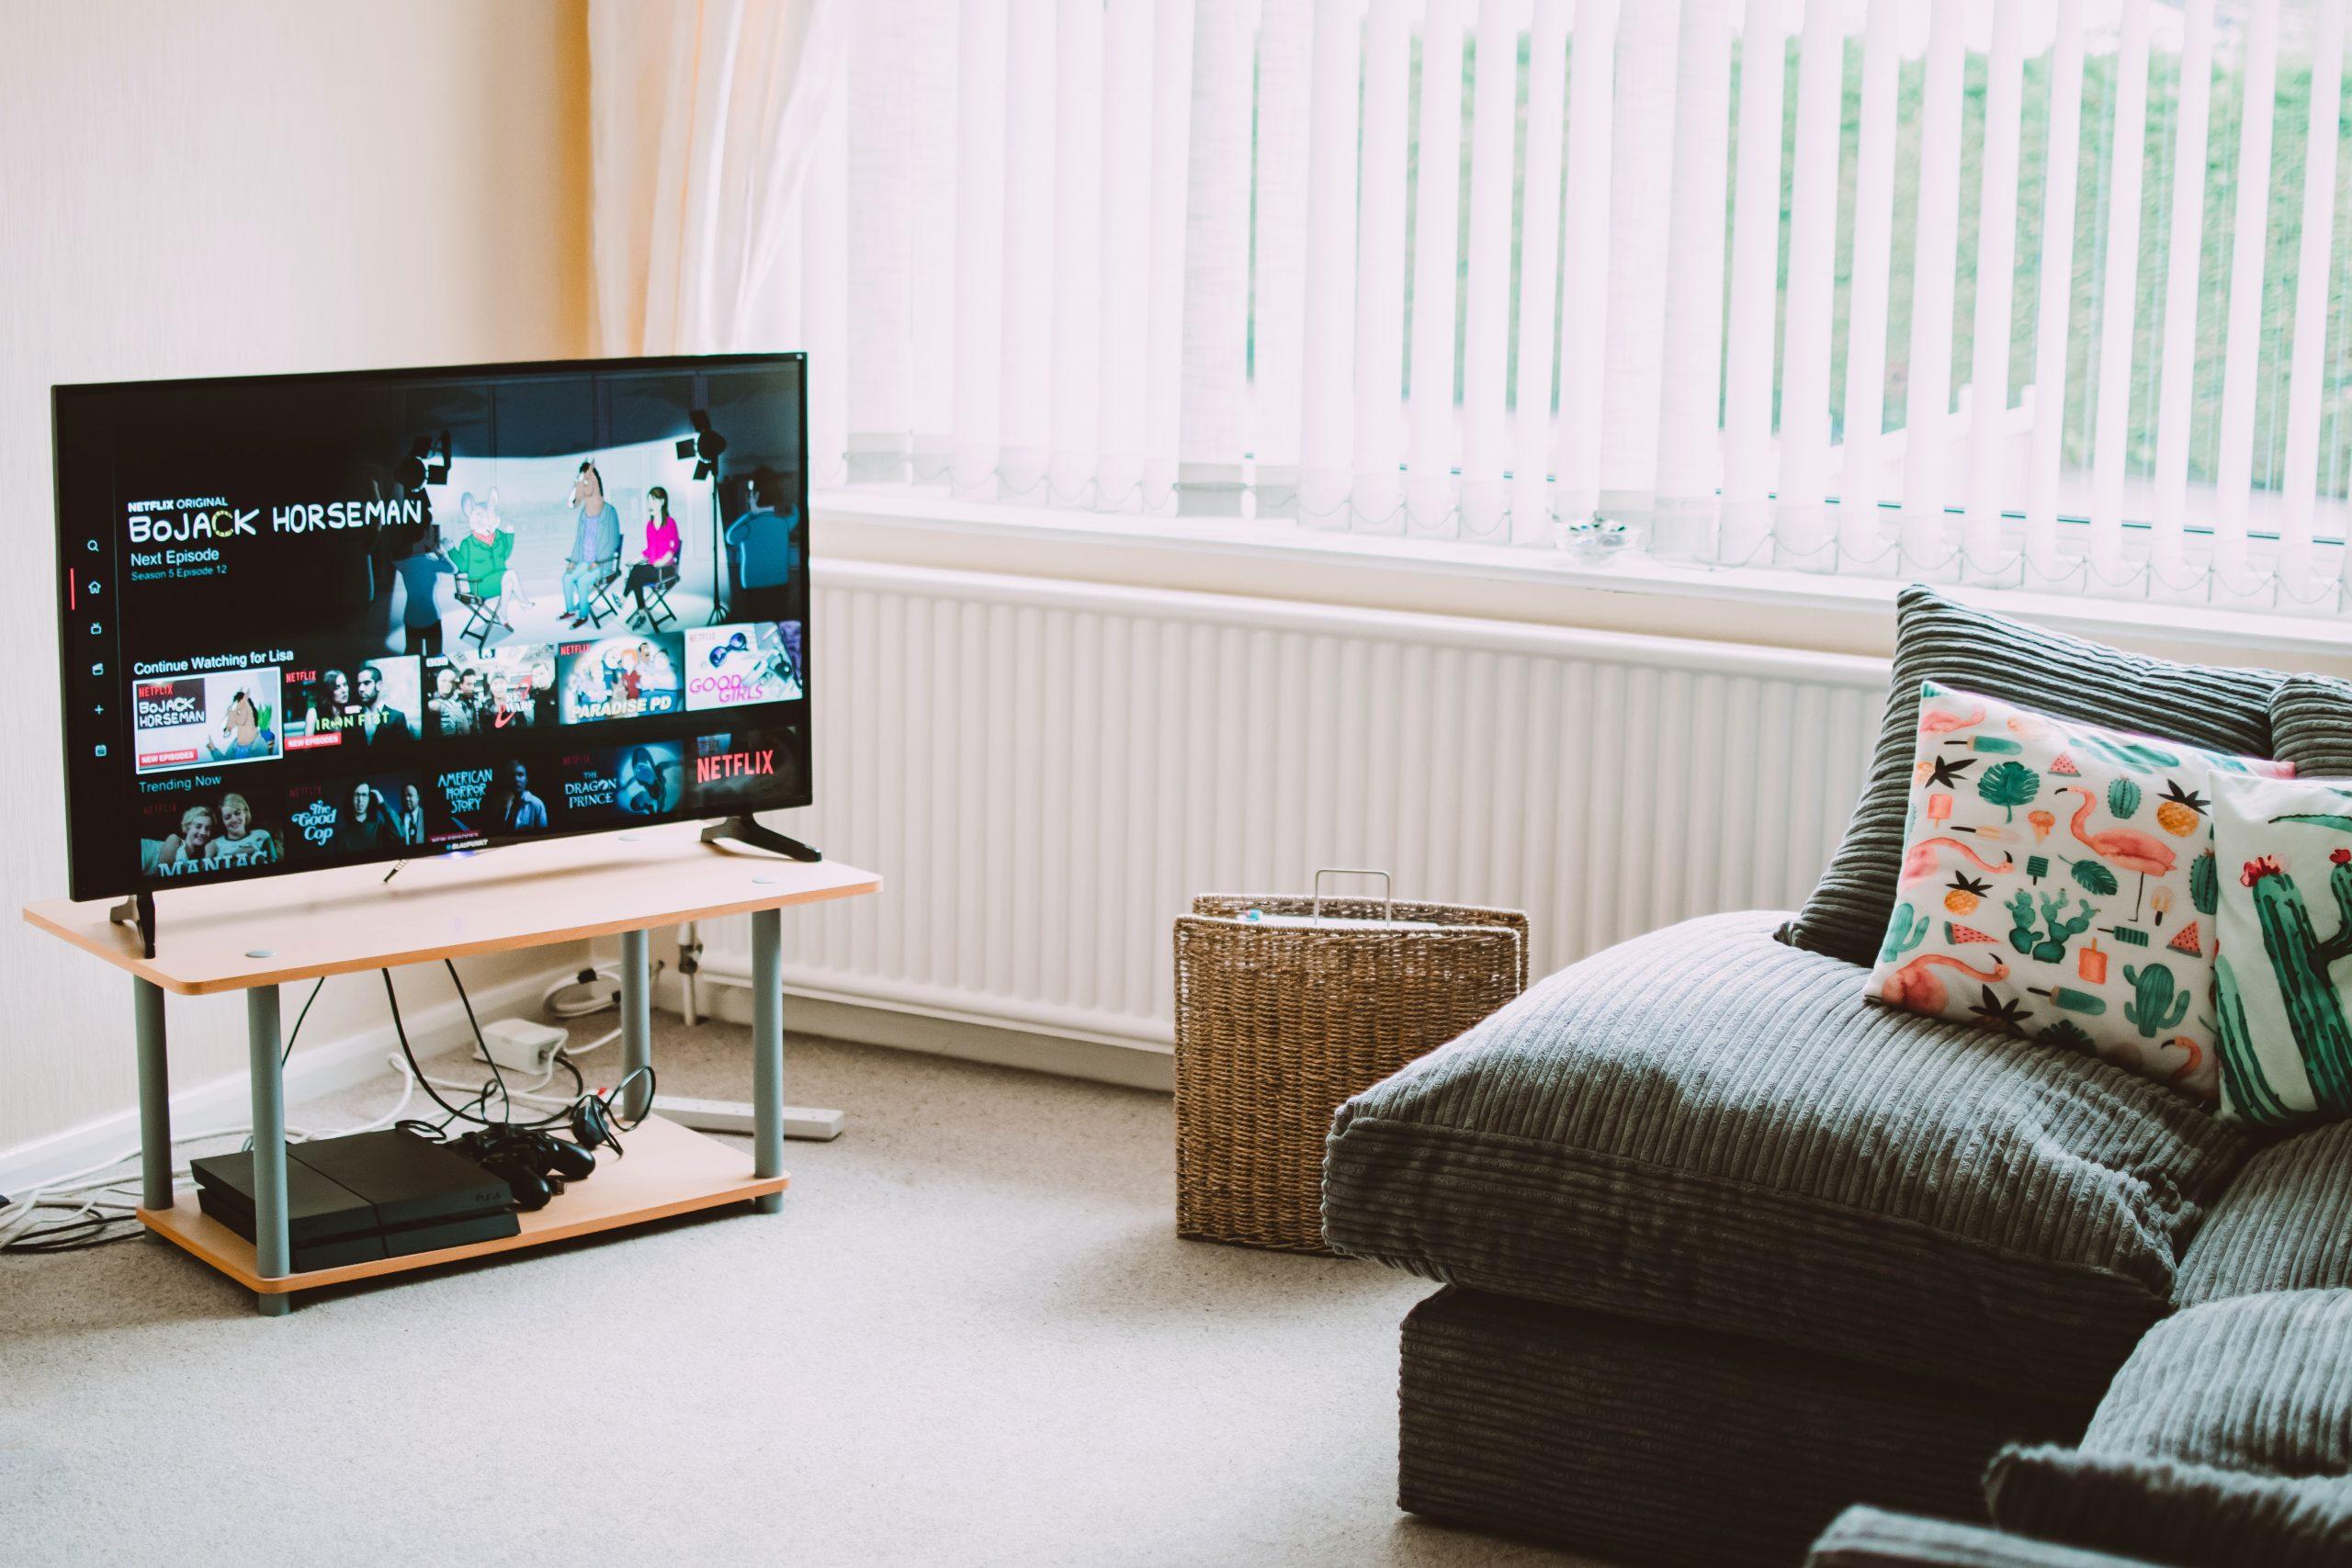 Imagem mostra uma TV ligada em uma sala de estar.